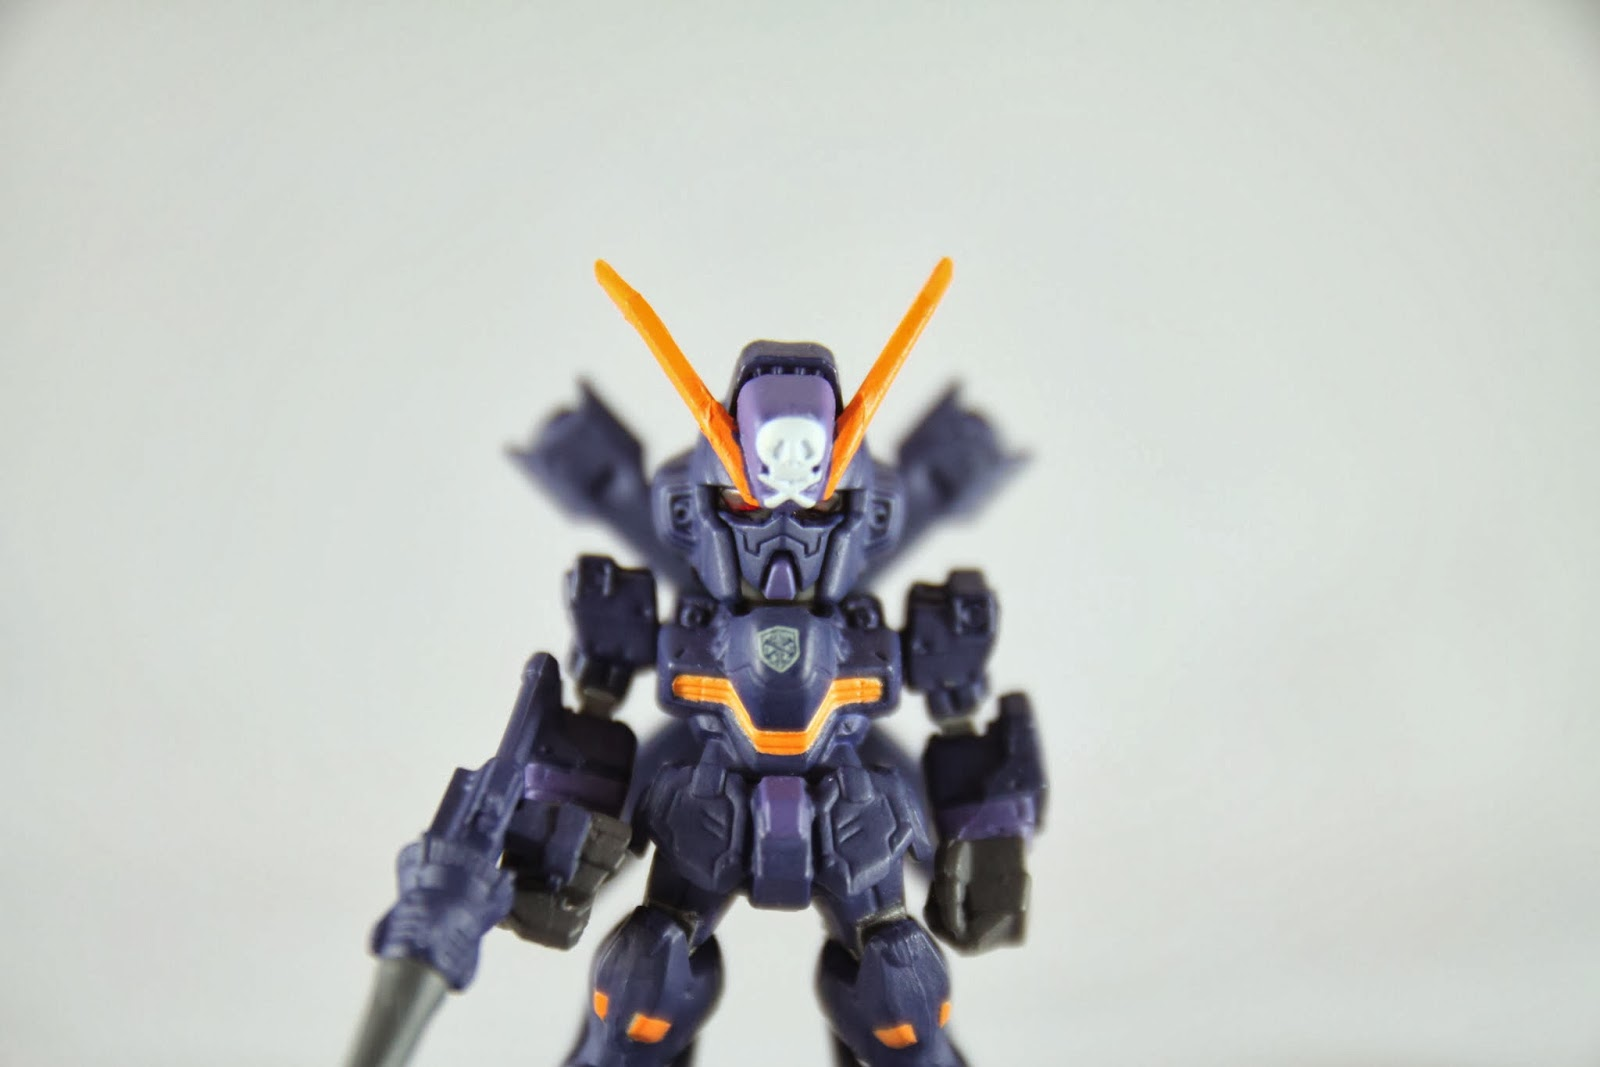 黑紫色其實很好看阿~ 雖然是反派角色 但紫色好啊!